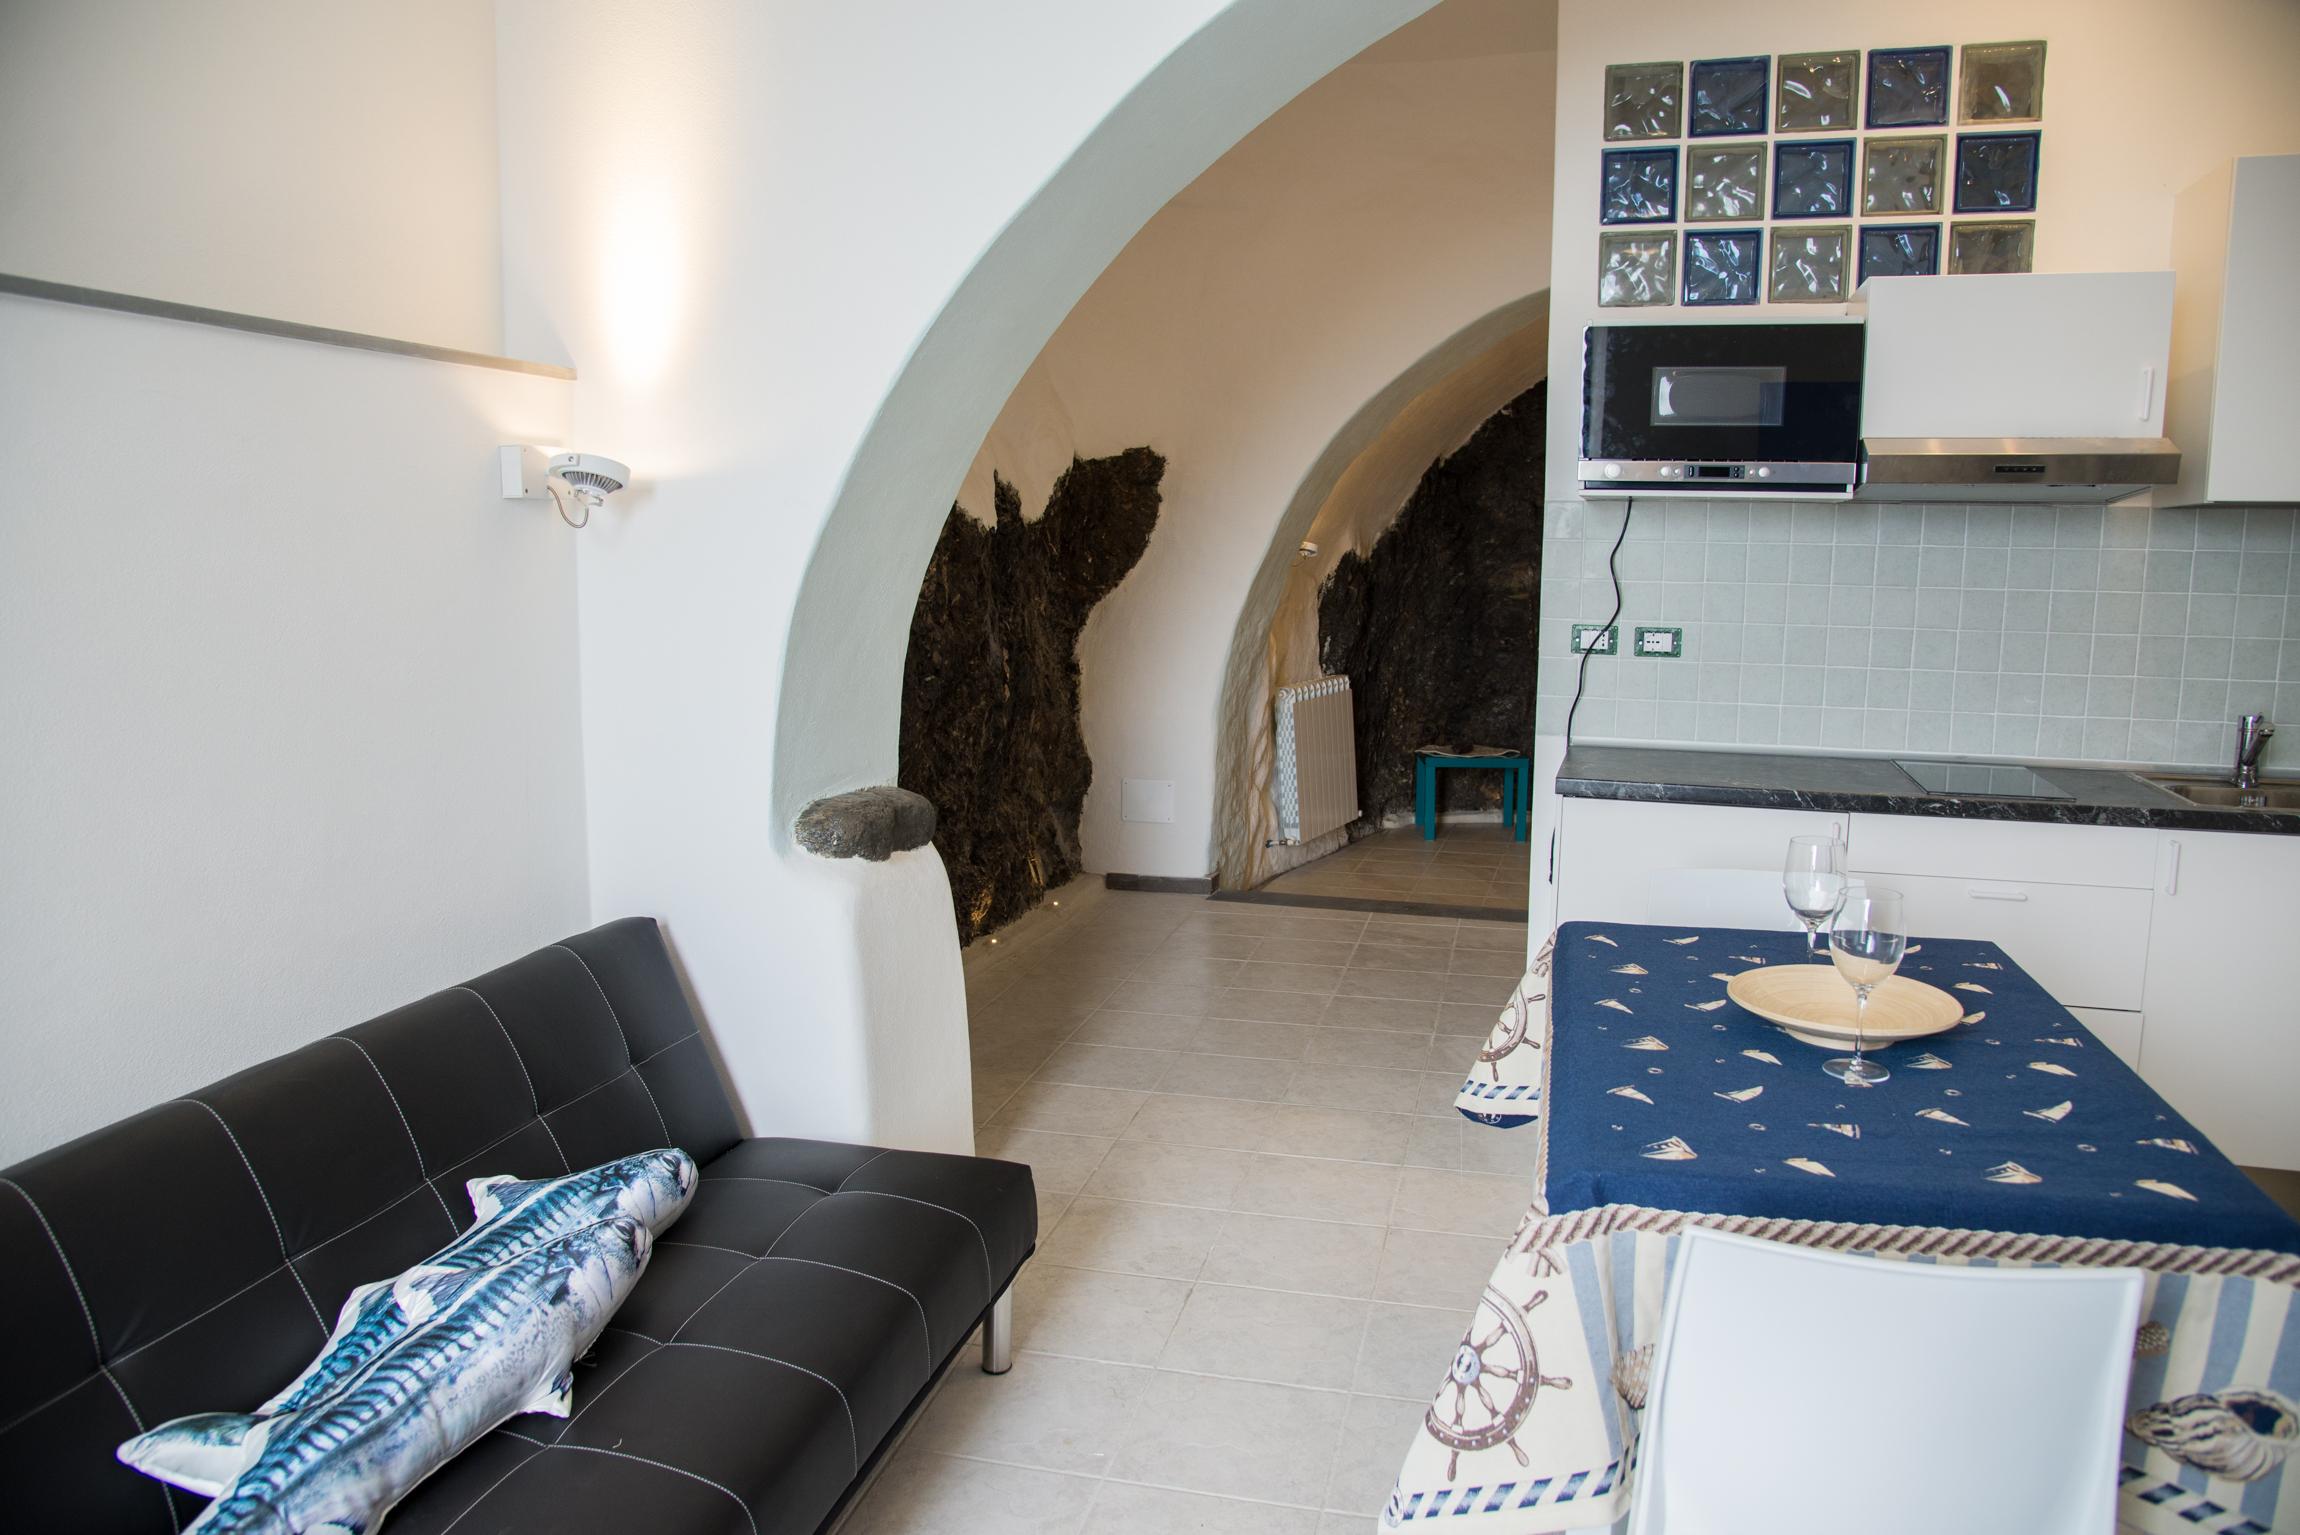 Appartamento maestrale 1 manarola cinque terre for Meuble agavi monterosso al mare